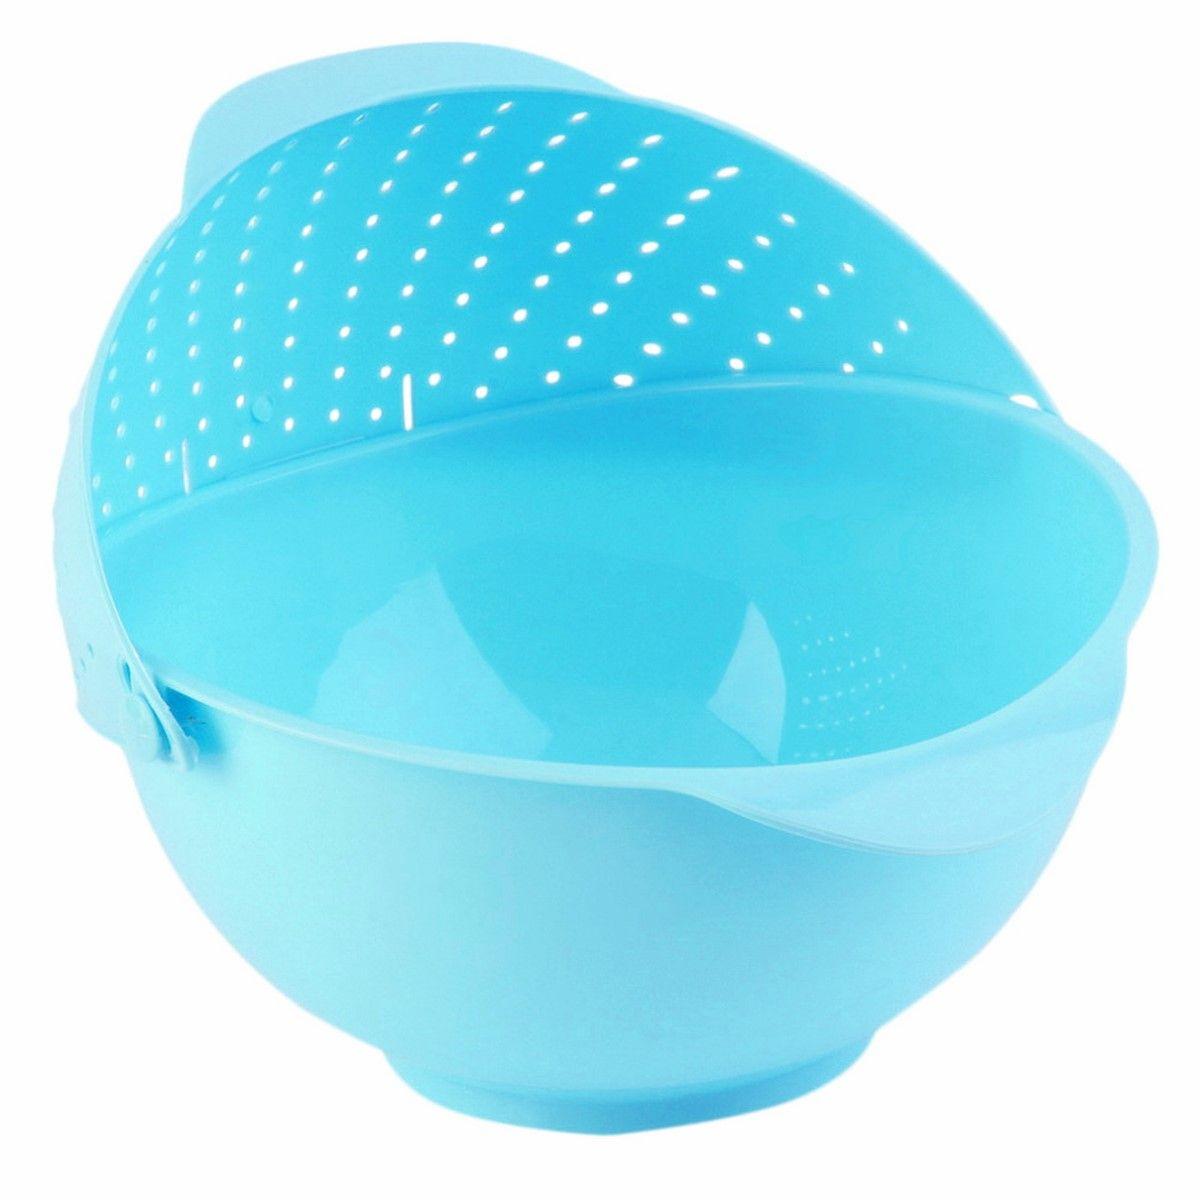 Дуршлаг-чаша Ruges Фильтрен, цвет: синий, 27 х 25 х 11 смK-61Ruges Фильтрен - это вместительная пластиковая чаша с перекидным дуршлагом на ободе. Изделие выполнено из пластика.Удобство в том, что пусть вы собрали фрукты в чашу – заливайте в ней же водой, мойте и сливайте воду, наклонив чашу в сторону дуршлага. То же самое с зеленью или замоченными крупами.Размеры: 27 х 25 х 11 см. Объем: 2,7 л. Вес: 175 г.